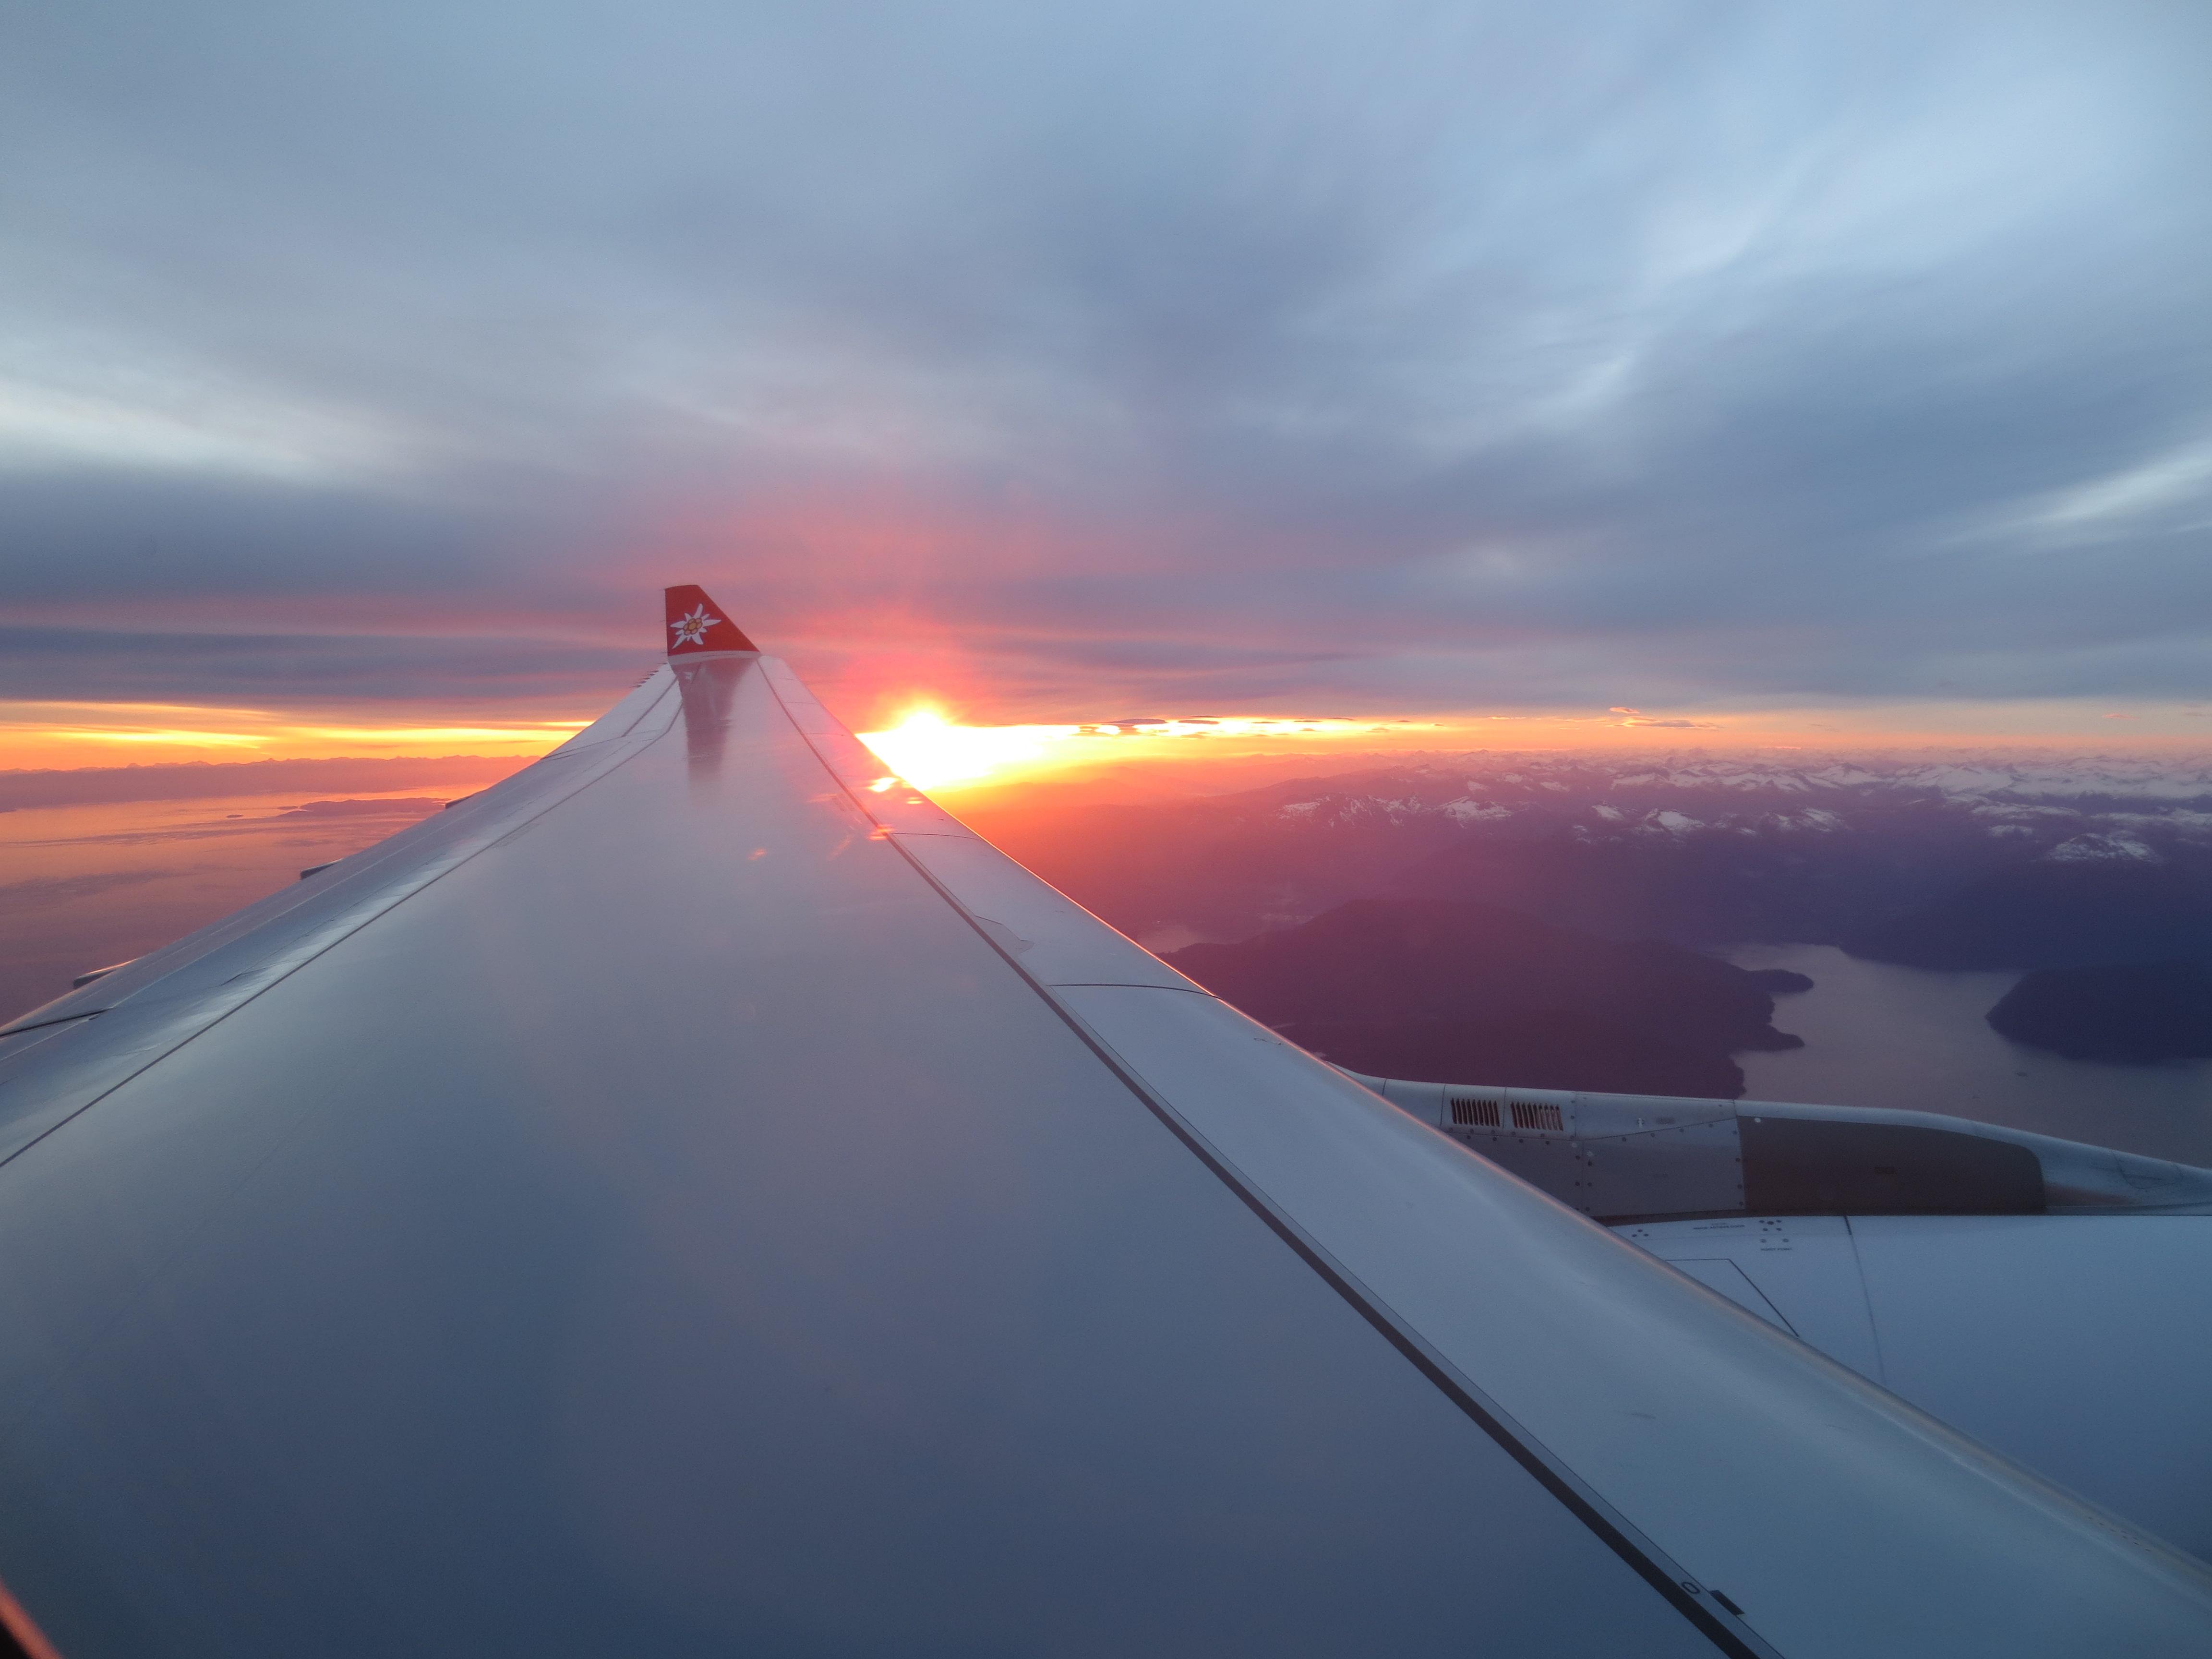 Западное побережье Канады, от Ванкувера до Цюриха с Эдельвейс. Это было пару лет назад ... но так красиво! Надеюсь, я увижу это снова...